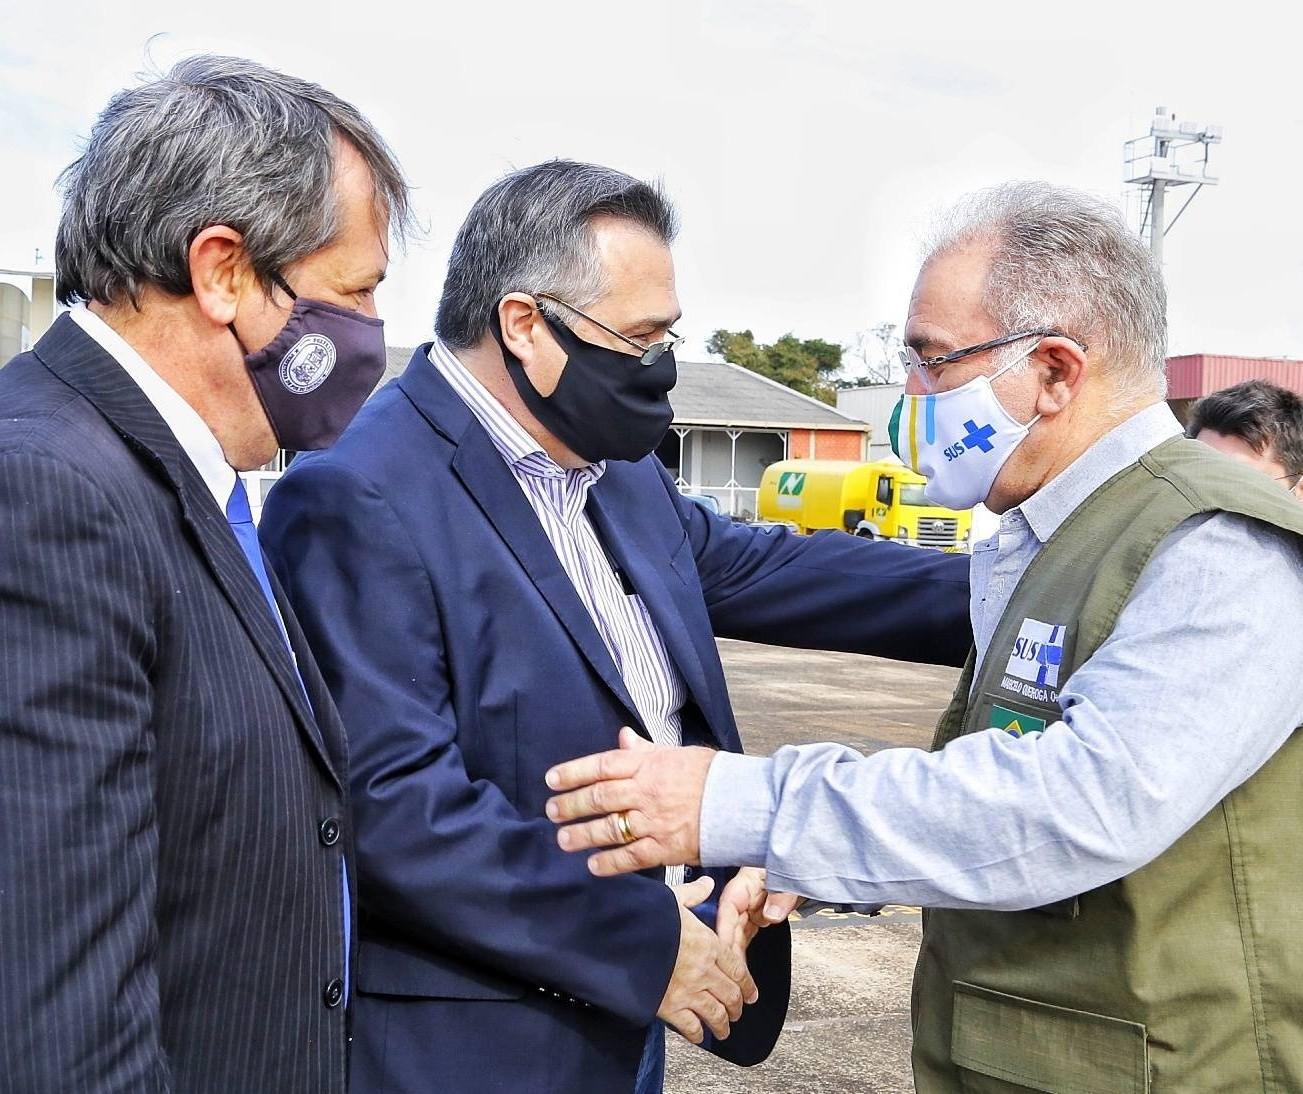 Municípios paranaenses de fronteira recebem doses extras contra Covid-19